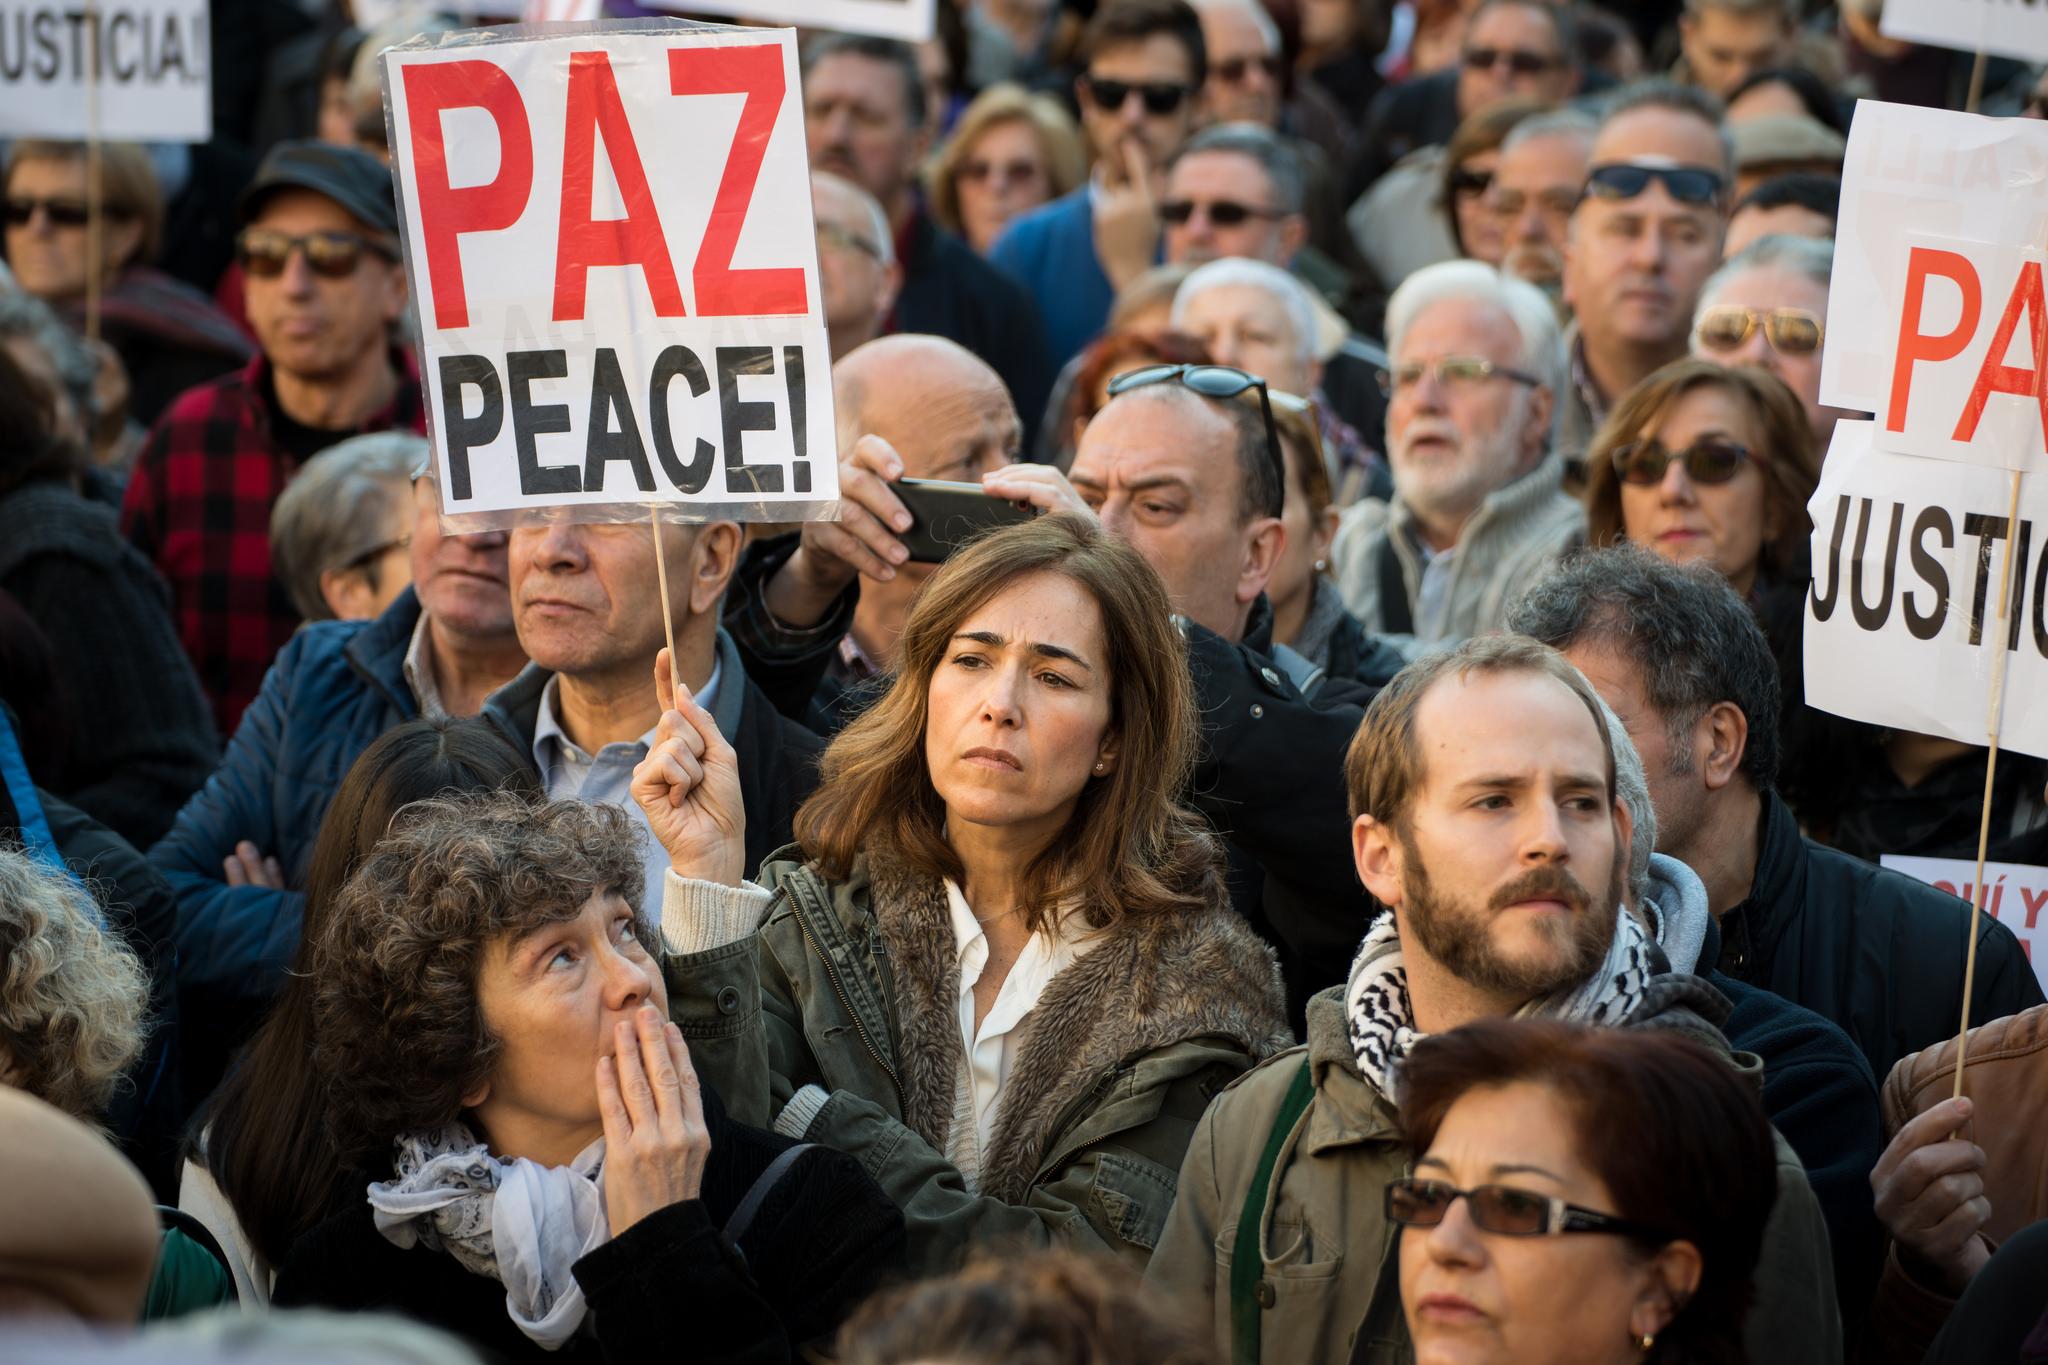 madrid-protestors